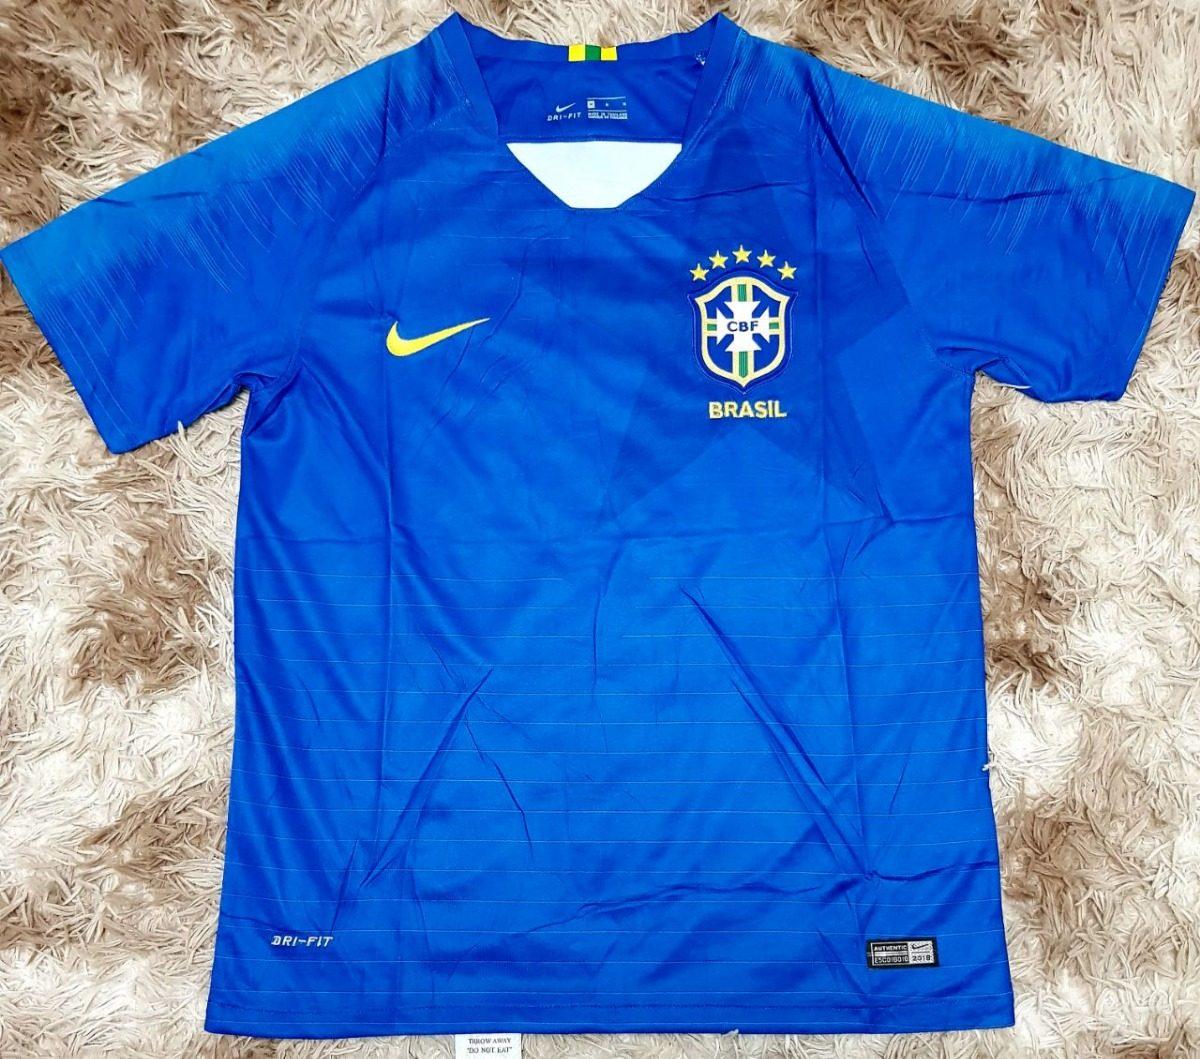 5591d1e77 camisa seleção brasileira oficial nike modelo dri-fit!!! Carregando zoom.